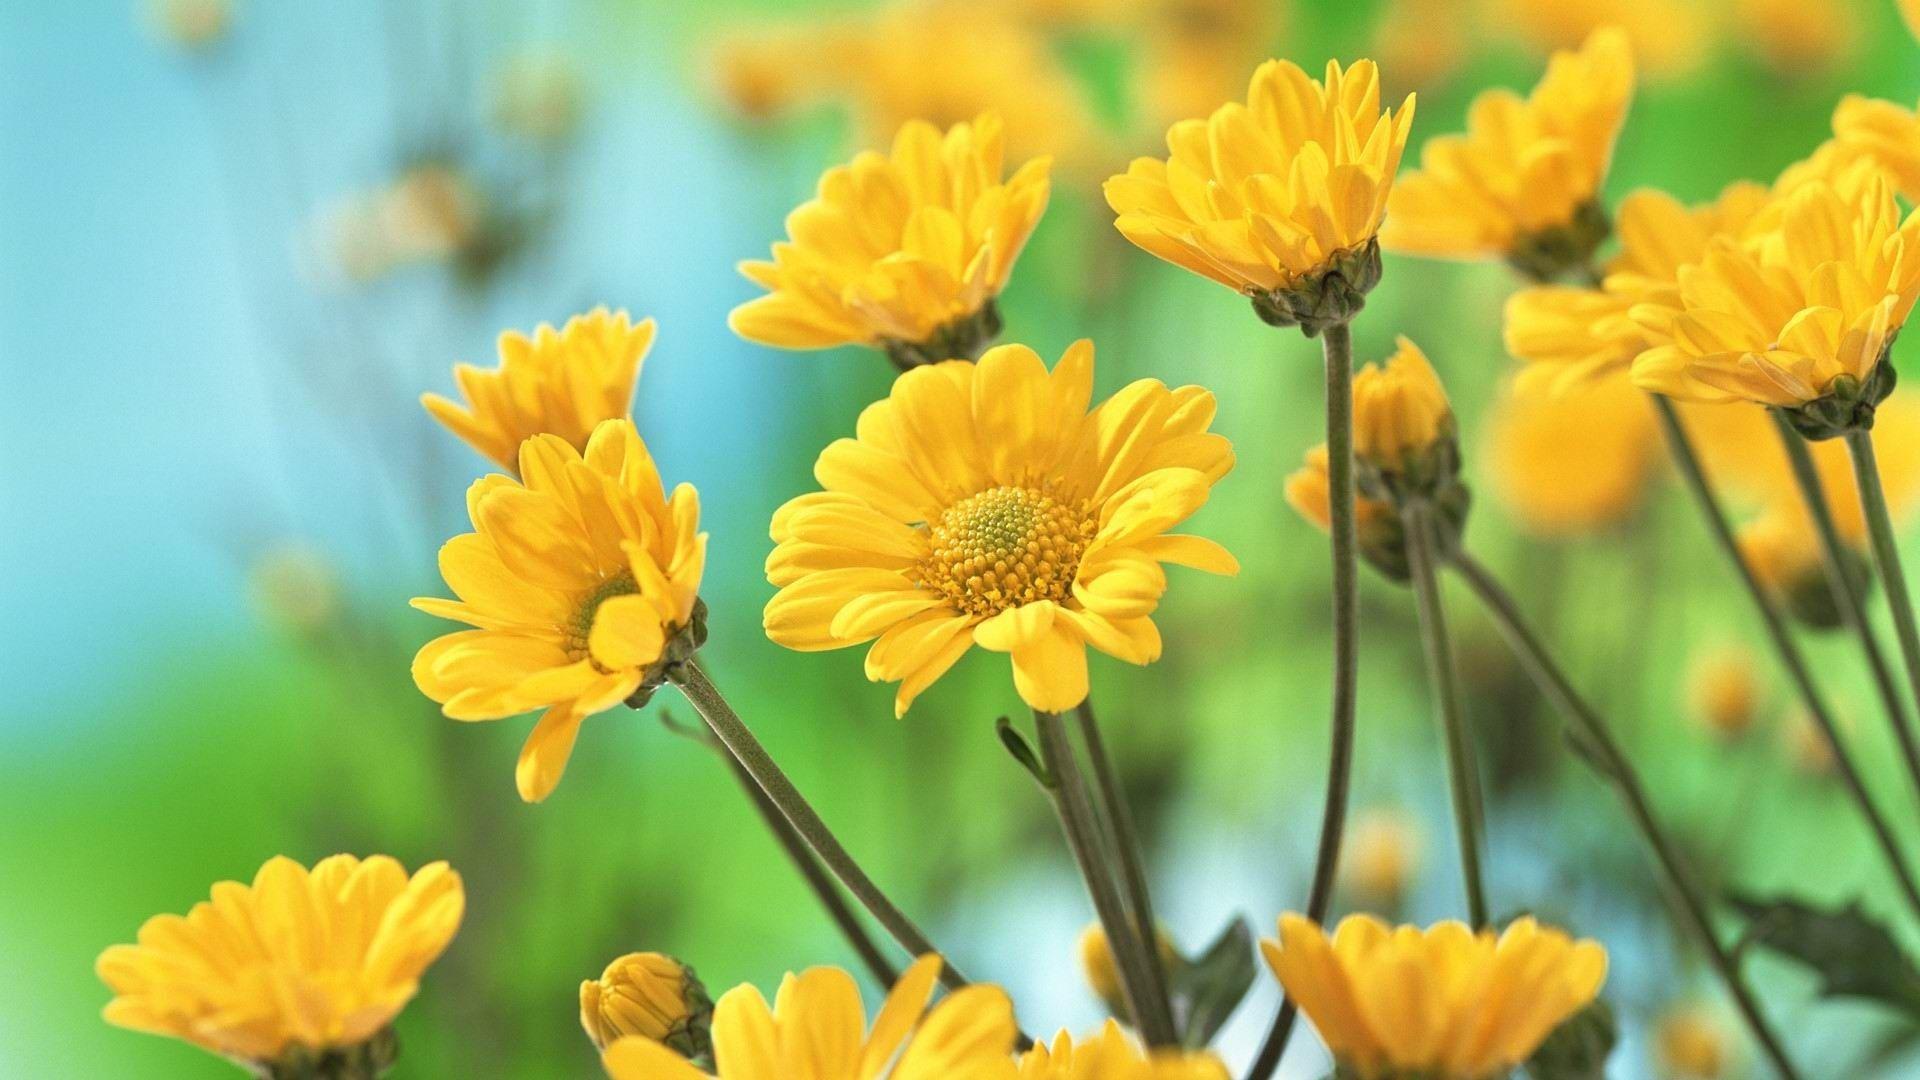 Beautiful Flowers Google Search Beautiful Flowers Hd Wallpapers Flower Desktop Wallpaper Yellow Flower Wallpaper